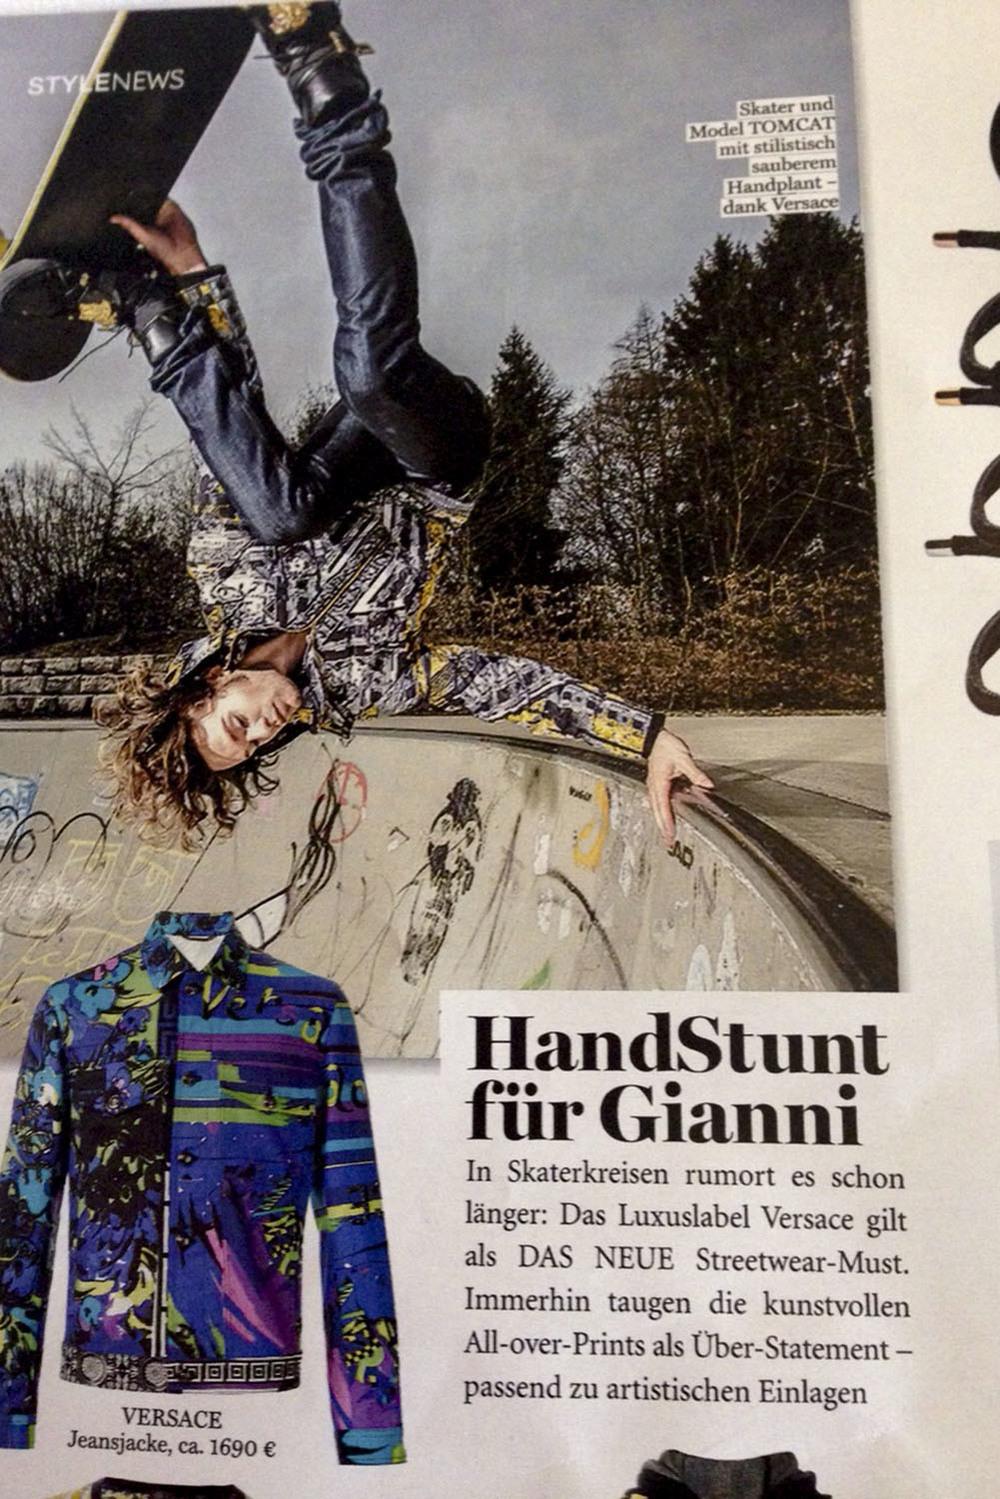 Skateboard Model Skater München Tom Cat für Versace Instyle Magazine.jpg